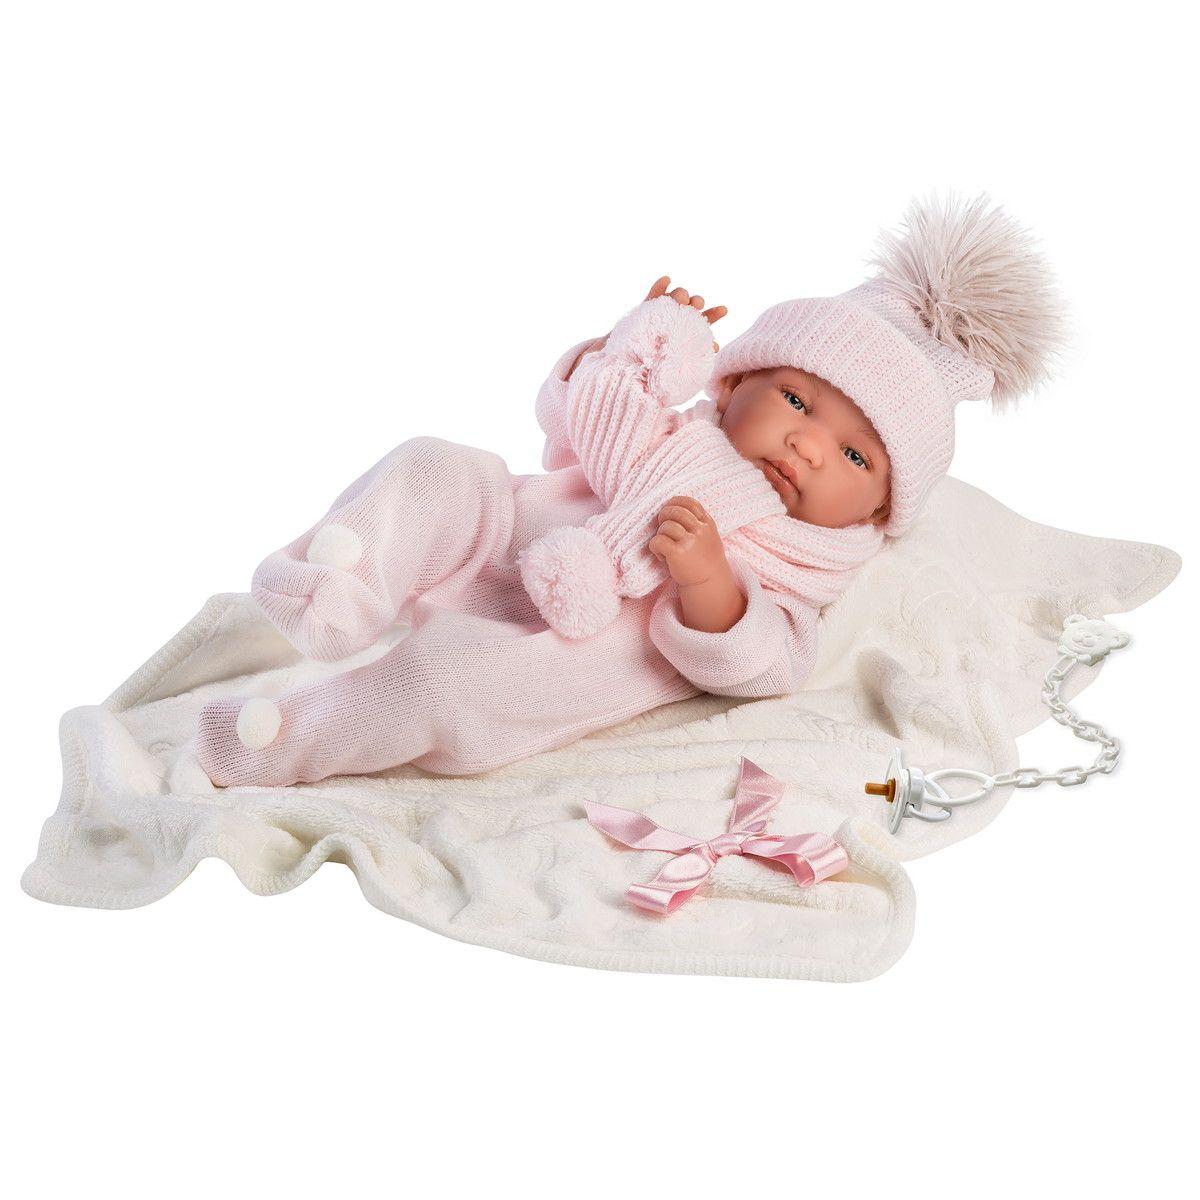 Купить Кукла младенец Тина, 43 см, Llorens Juan